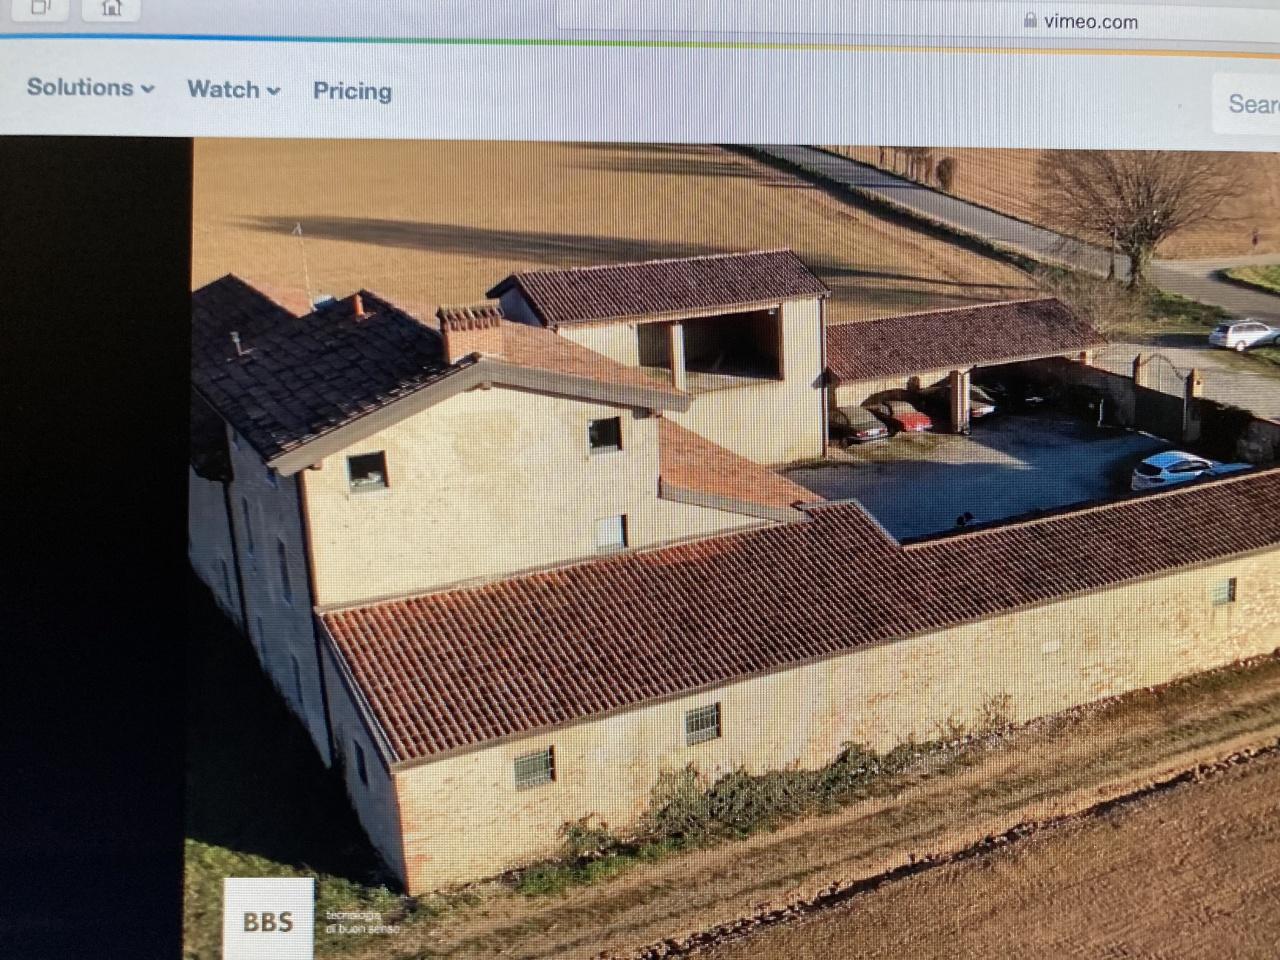 Immobile Commerciale in vendita a Paderno Franciacorta, 9999 locali, prezzo € 1.200.000 | CambioCasa.it